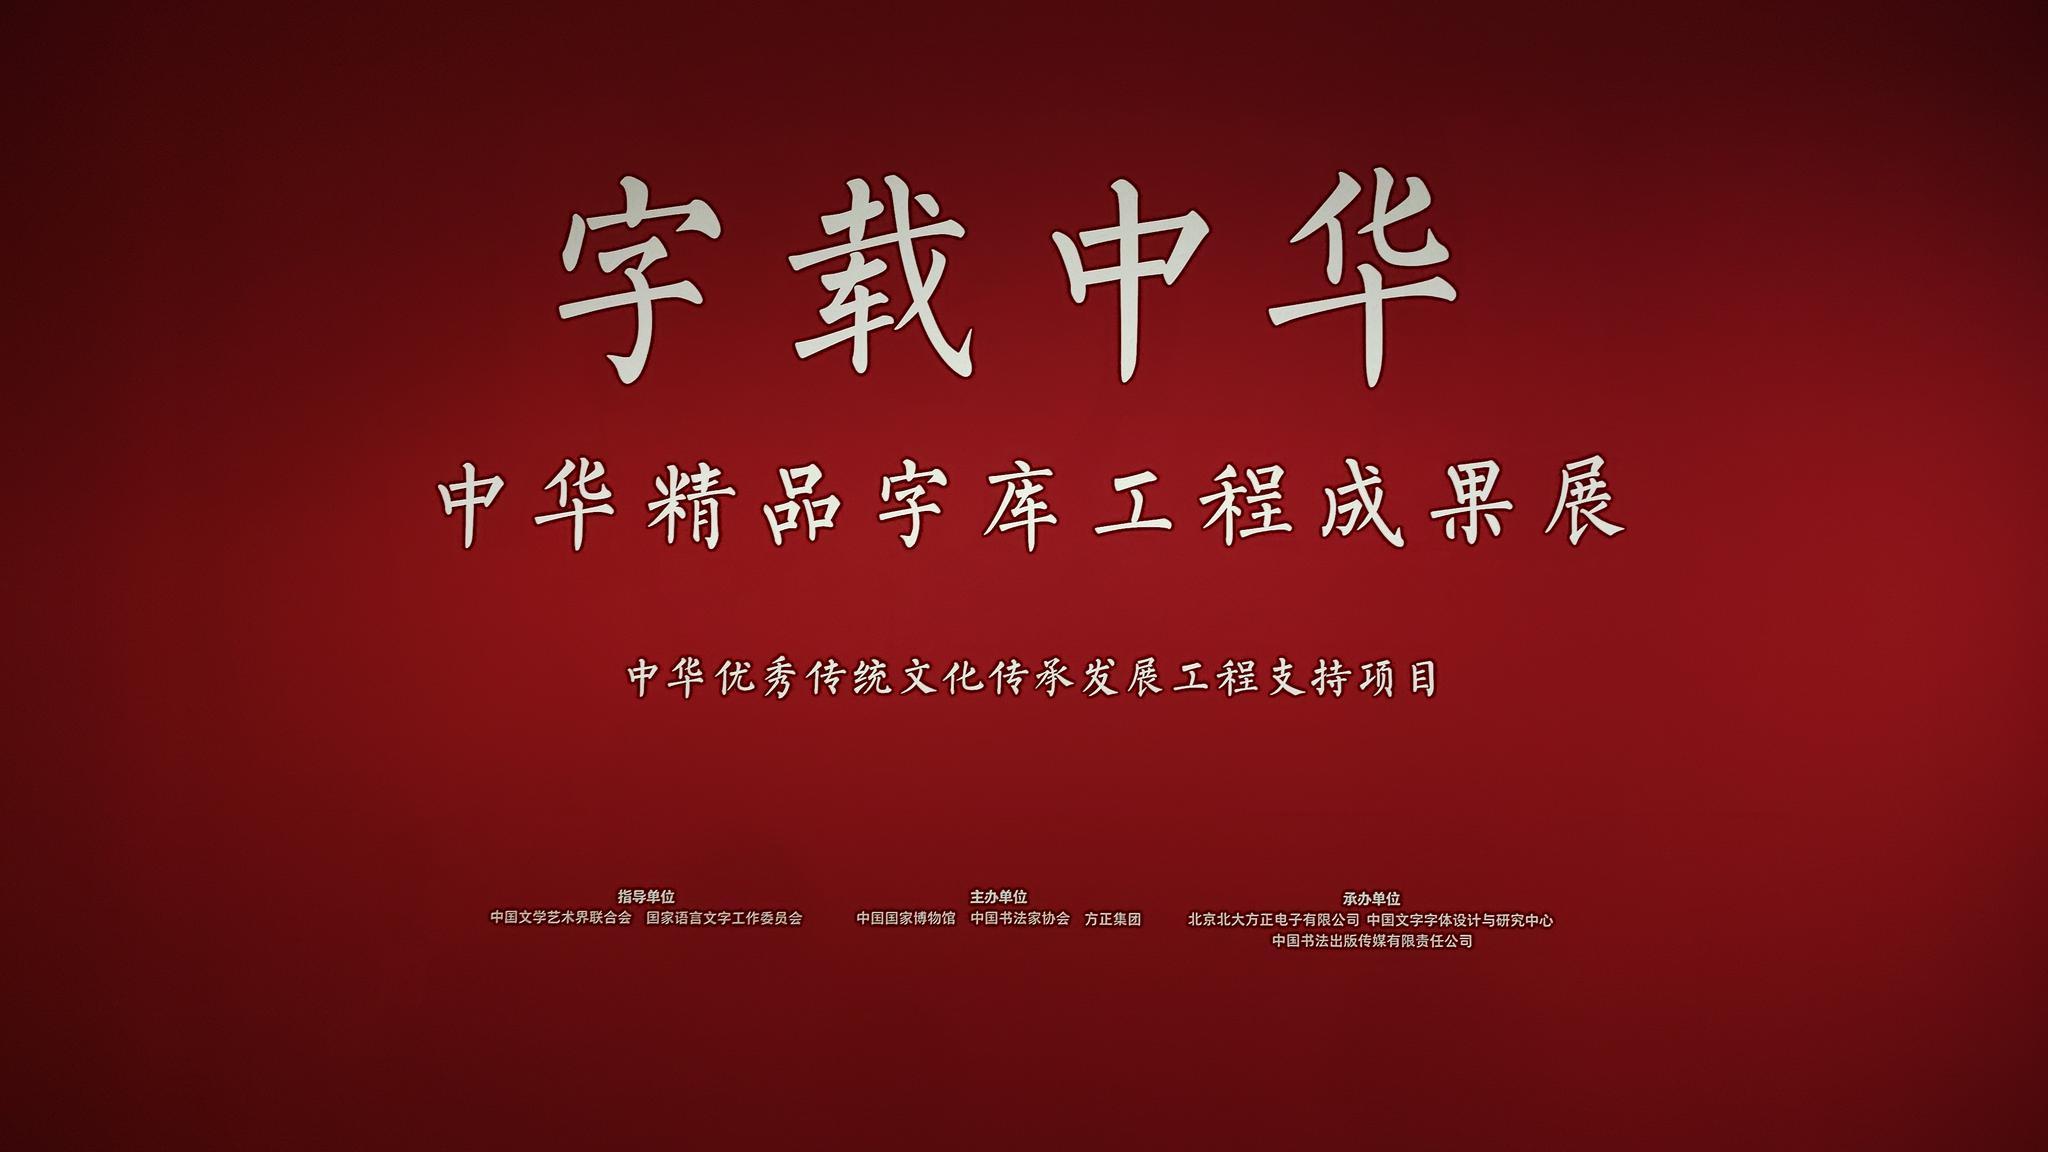 """今天参加了方正字库@方正字库美丽的字体 举办的 """"字载中华丨中华精"""